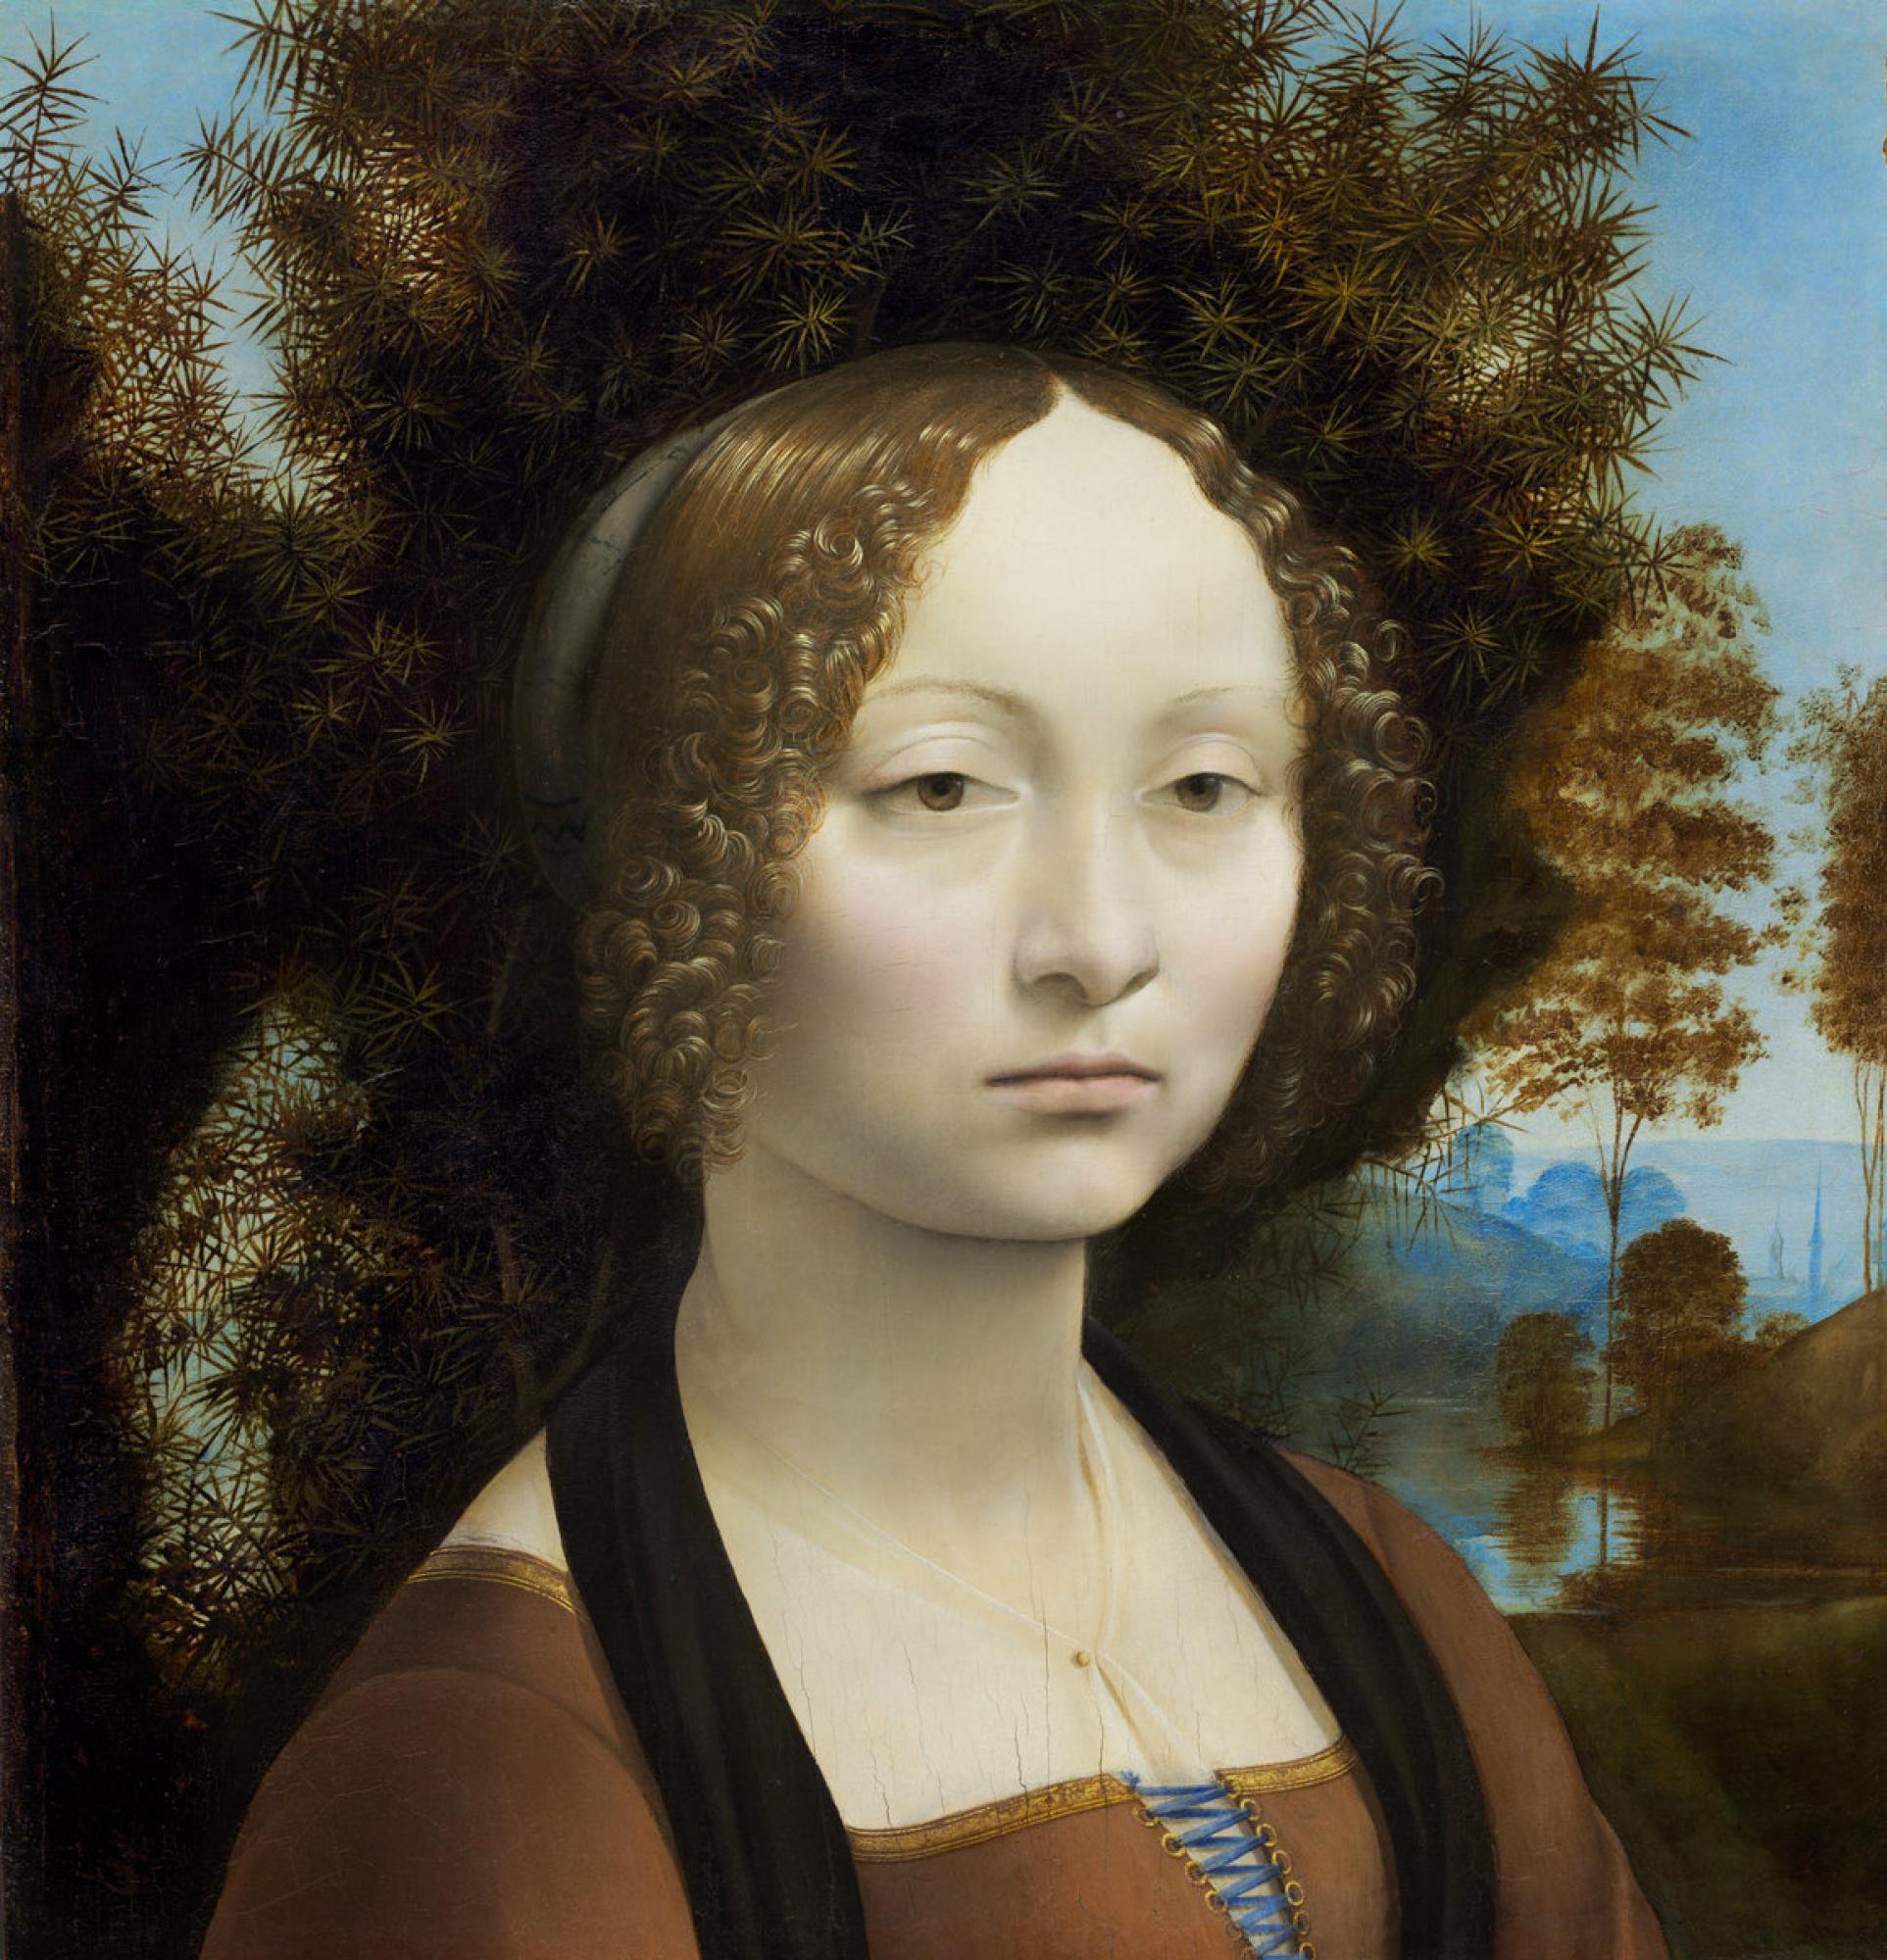 Леонардо да Винчи. Портрет Джиневры де Бенчи